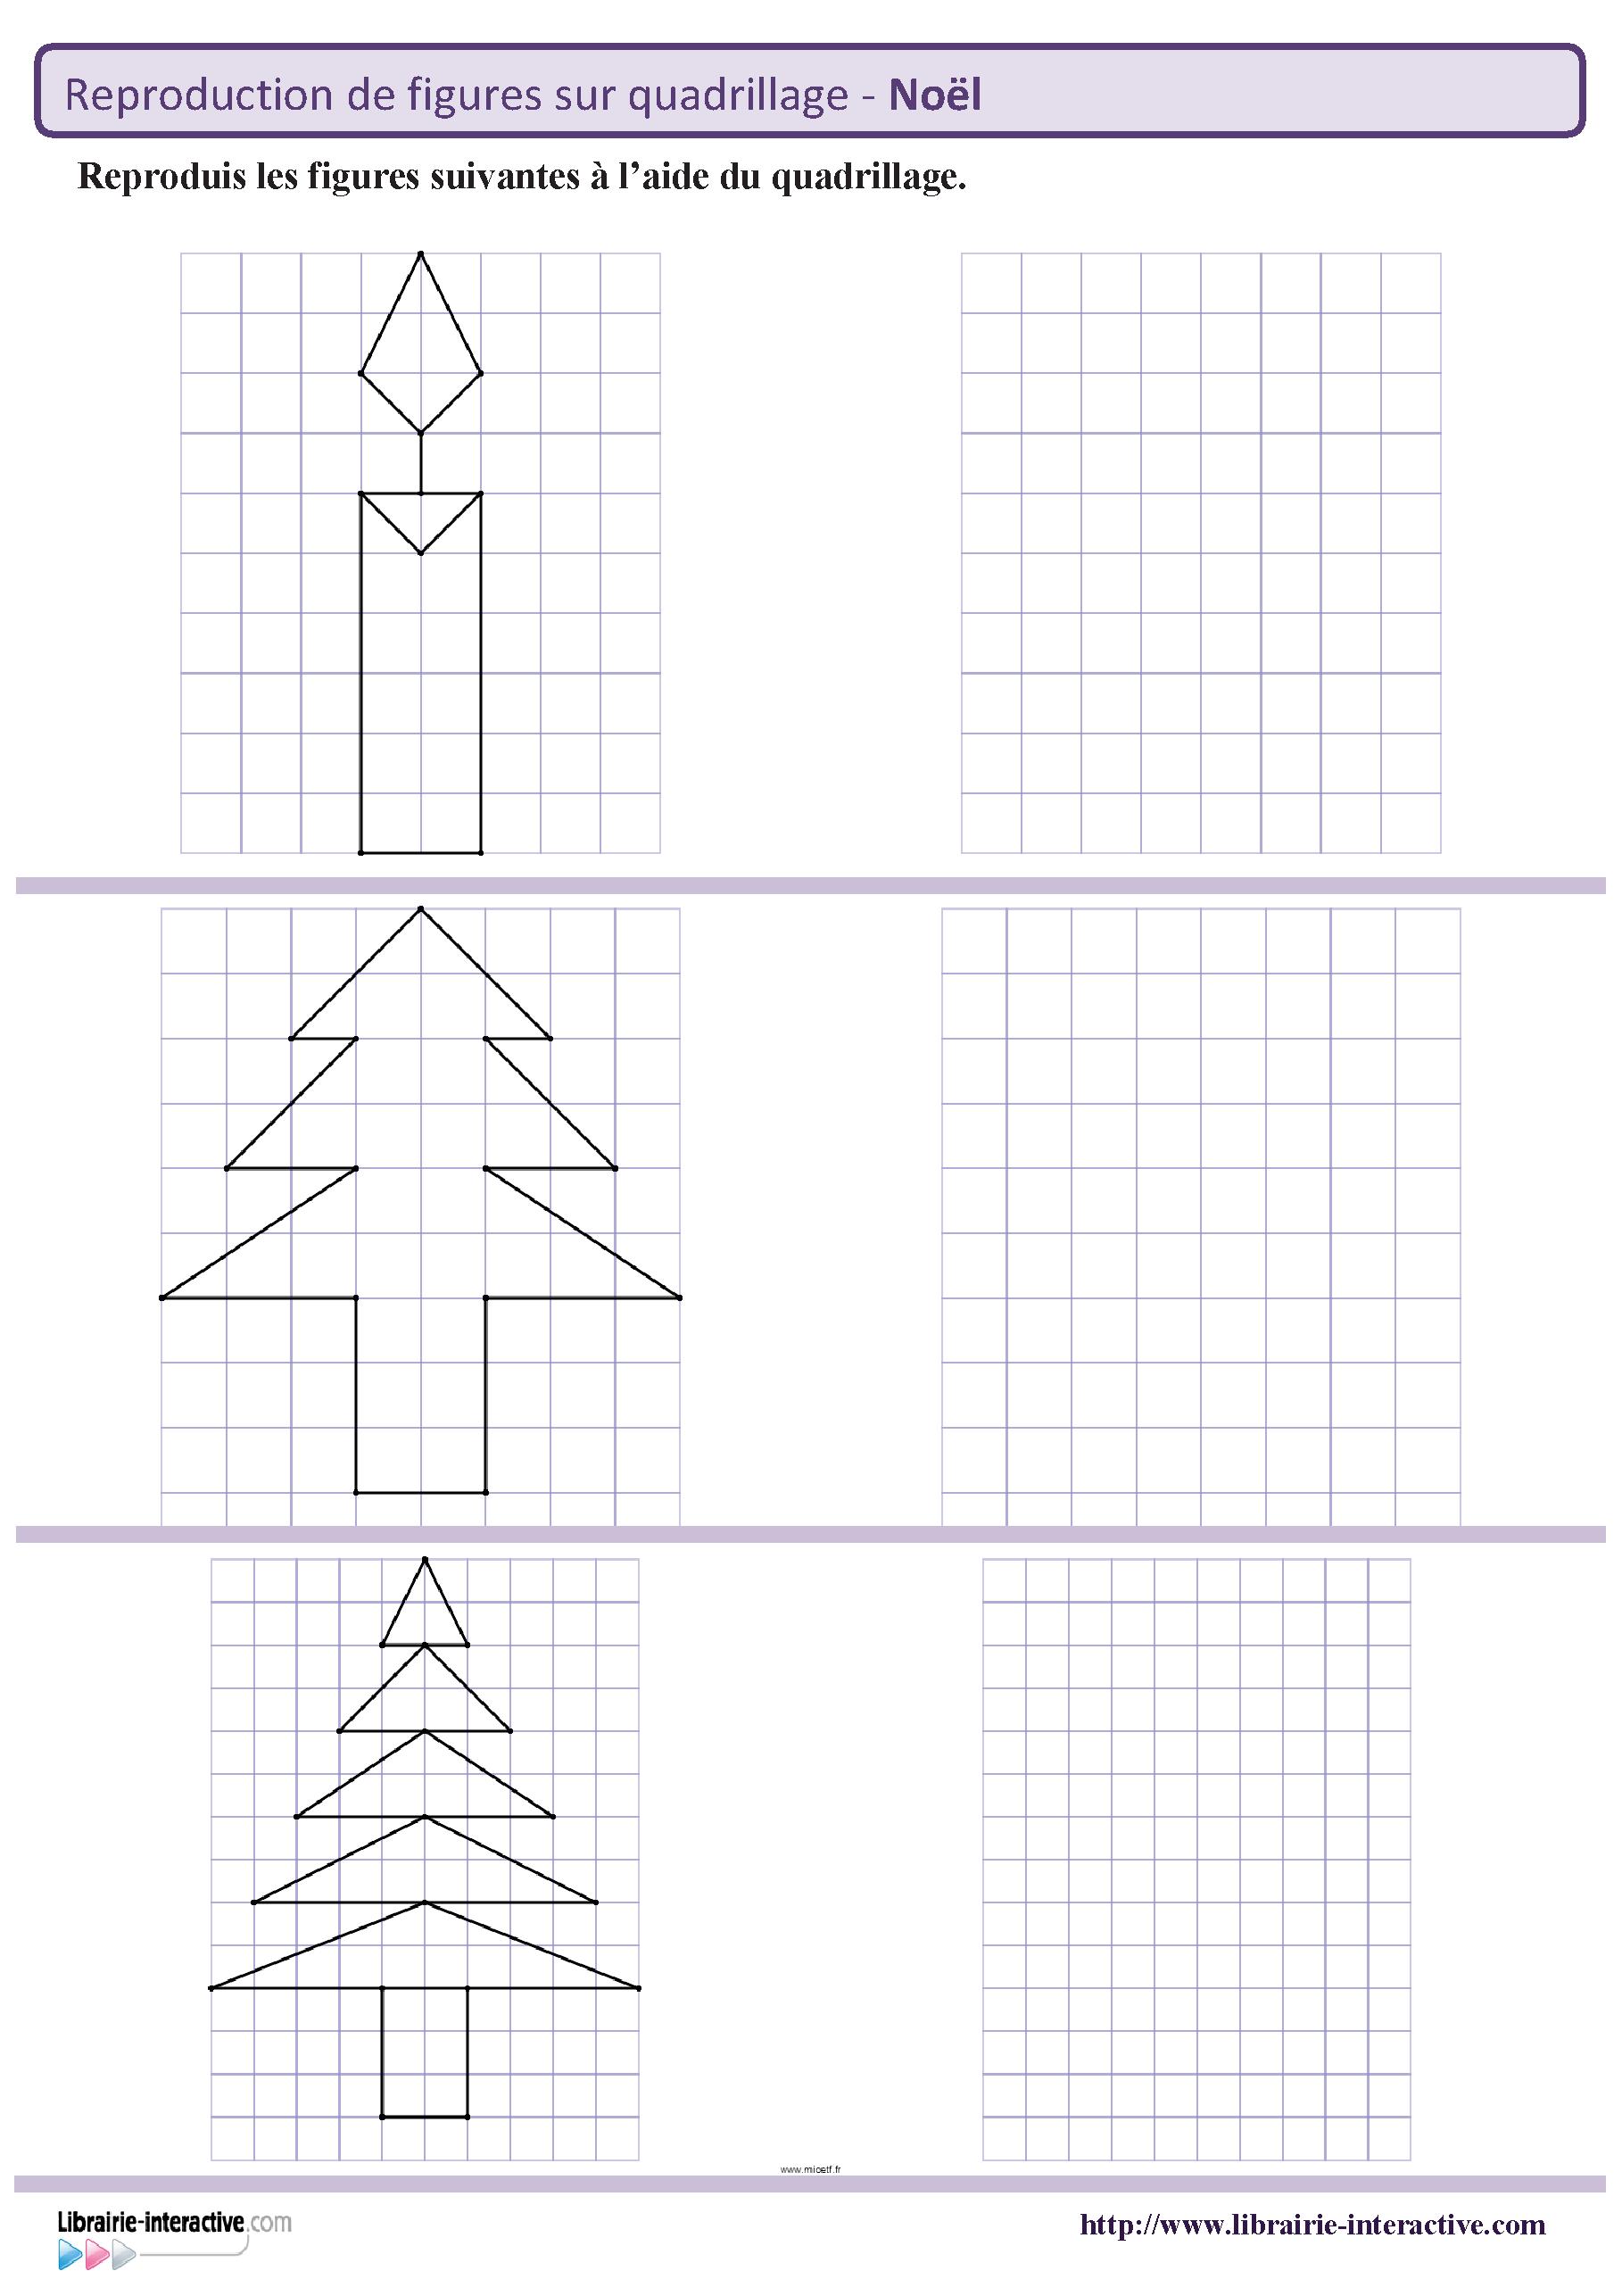 Des Figures Geometriques Sur Le Theme De Noel A Reproduire